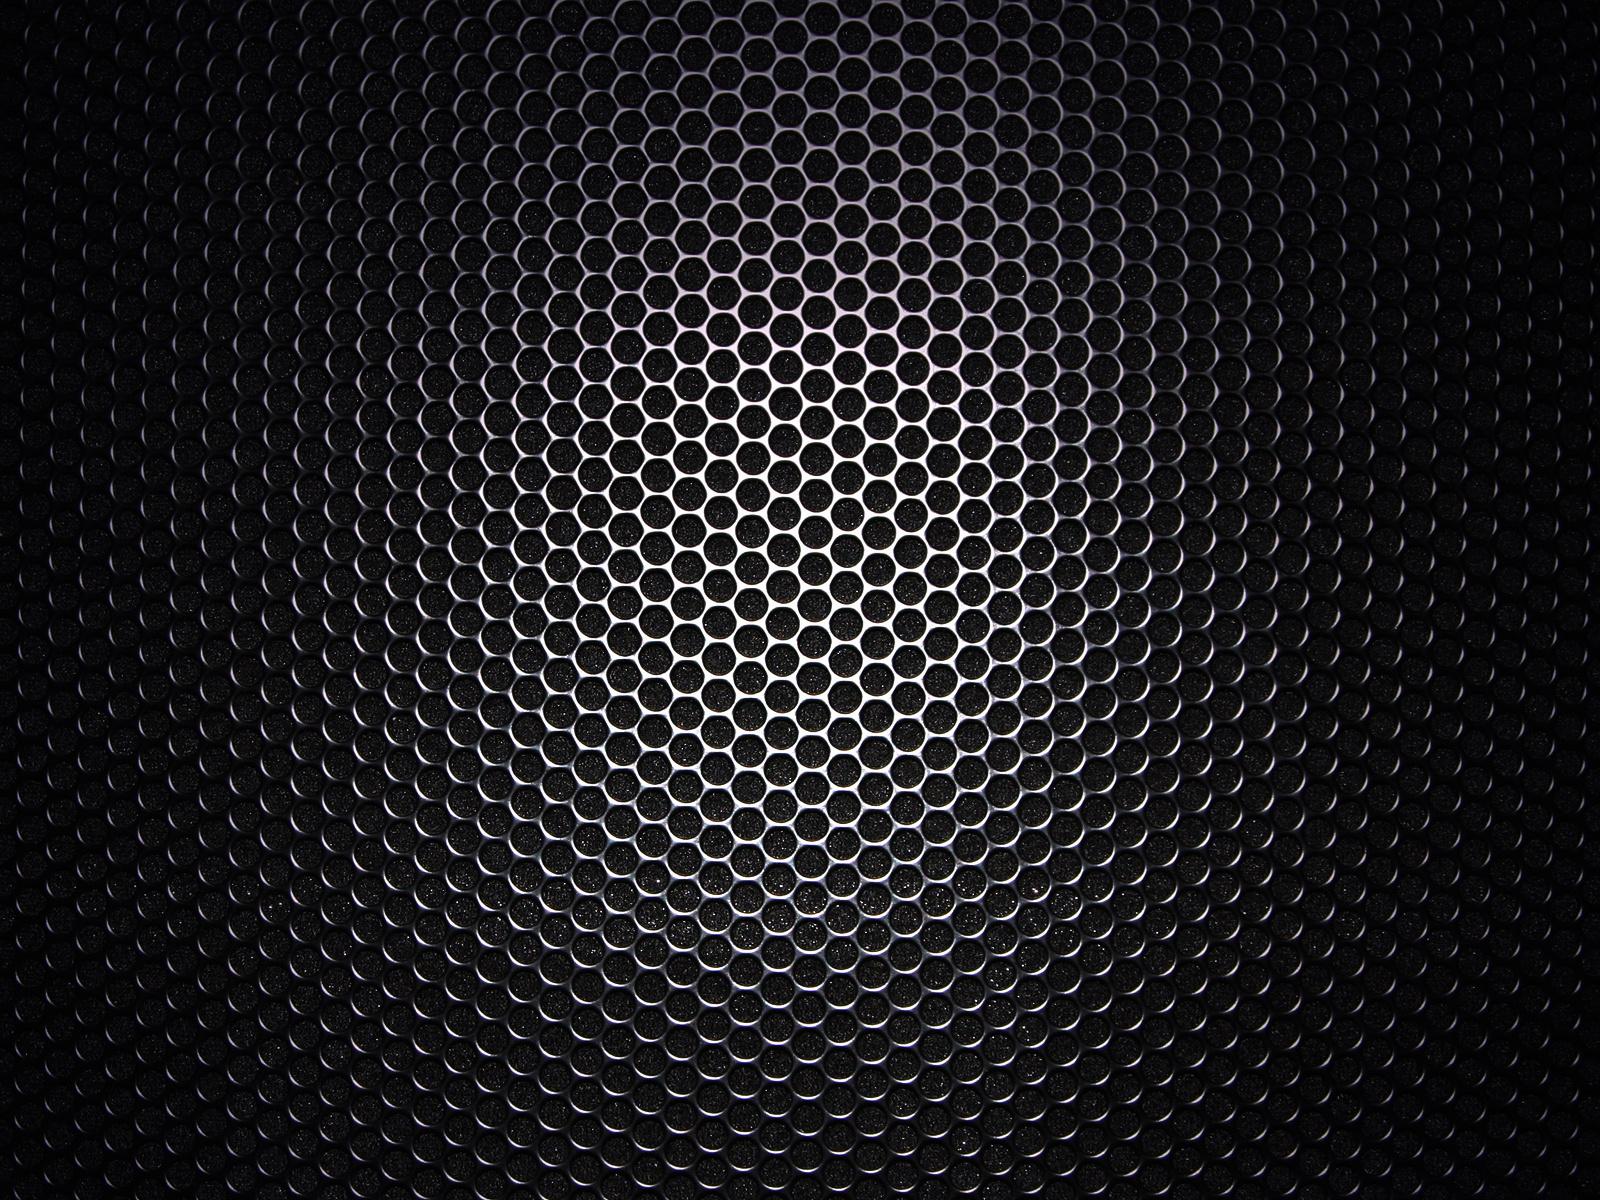 Carbon Fiber wallpaper 1600x1200 56958 1600x1200